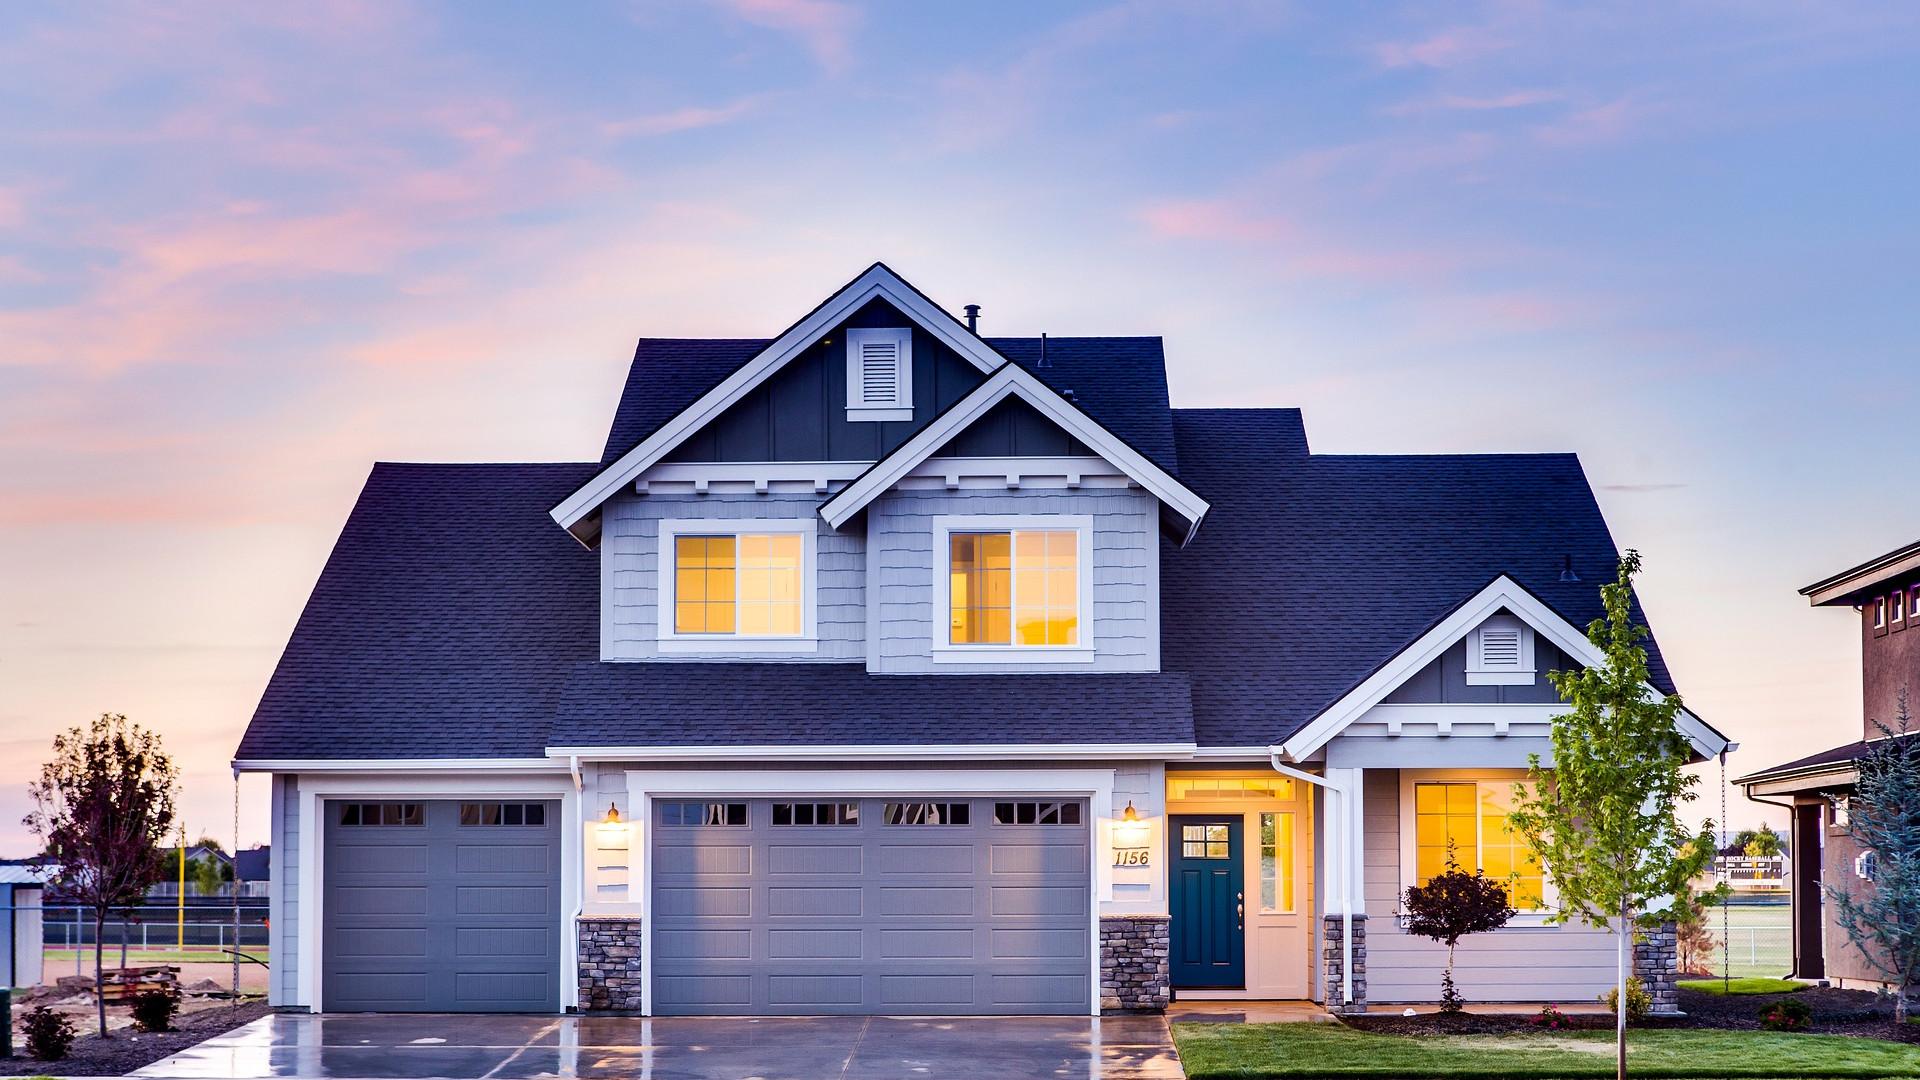 Installez un rideau métallique afin d'améliorer l'isolation de votre demeure